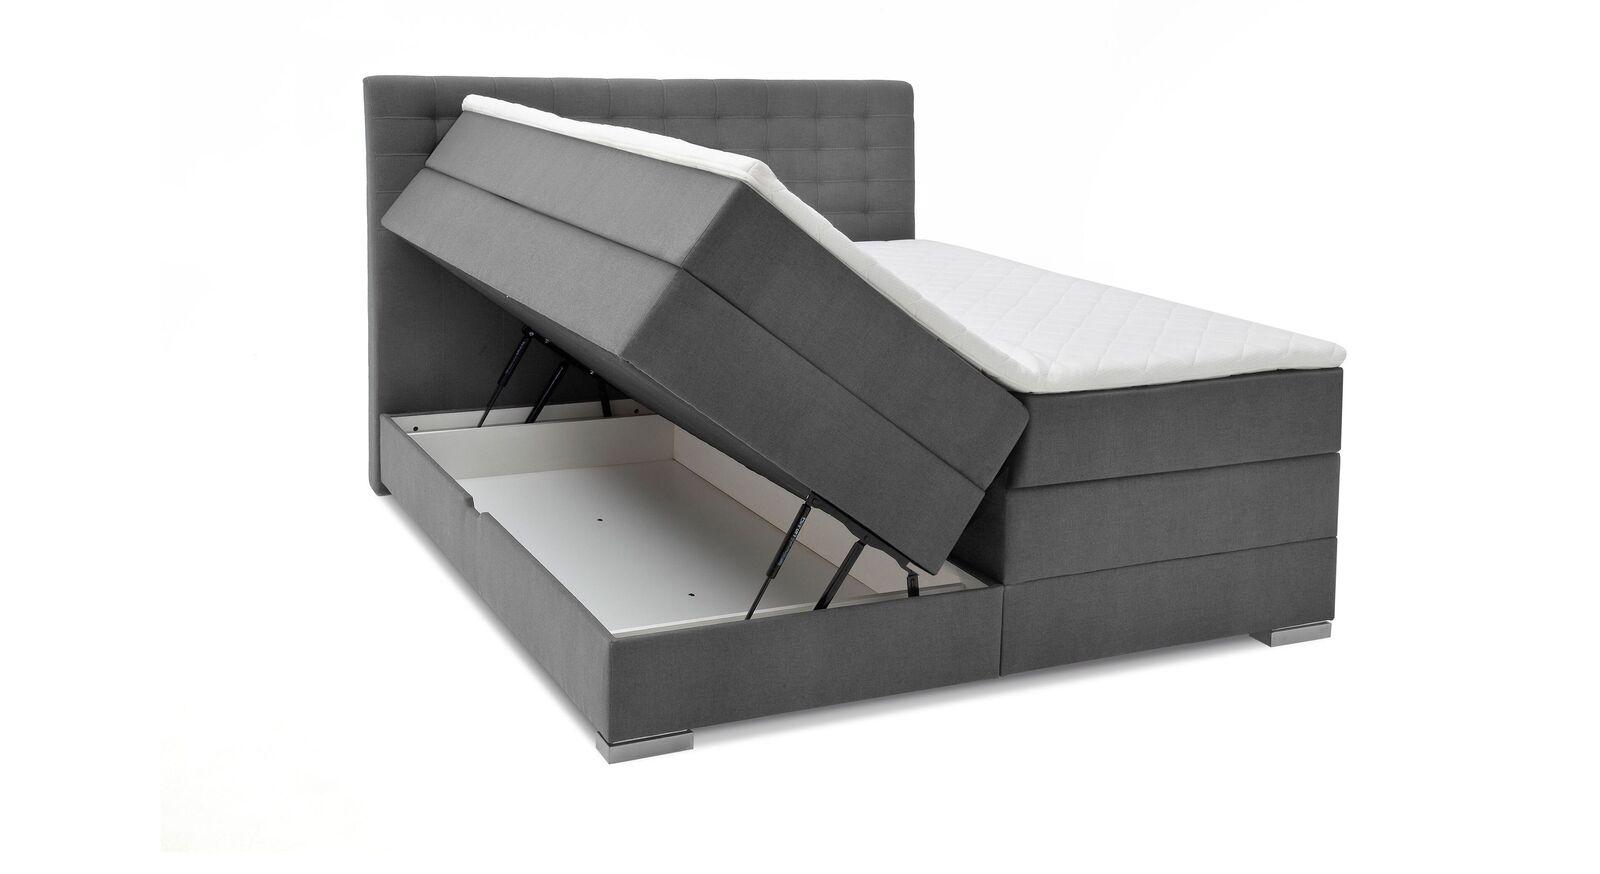 Bettkasten-Boxspringbett Agulo aus hellgrauem Velours-Webstoff